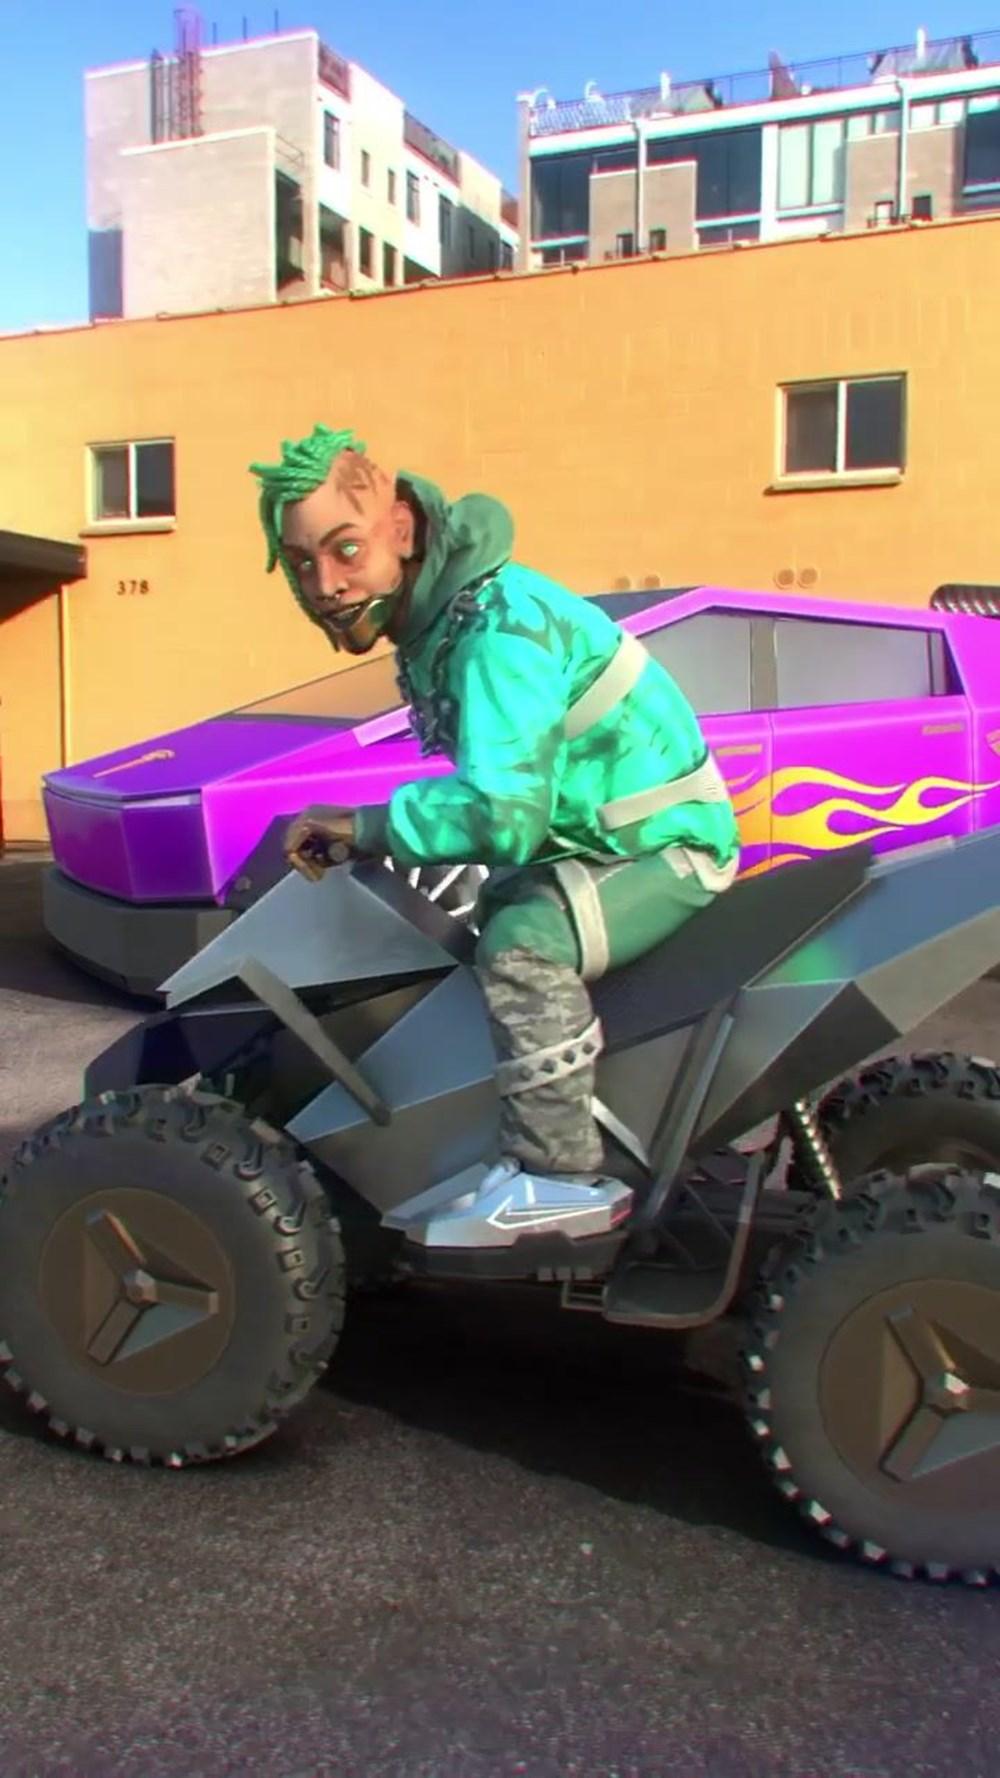 Robot rap şarkıcısı tuvalet NFT'sini 6500 dolara sattı - 6